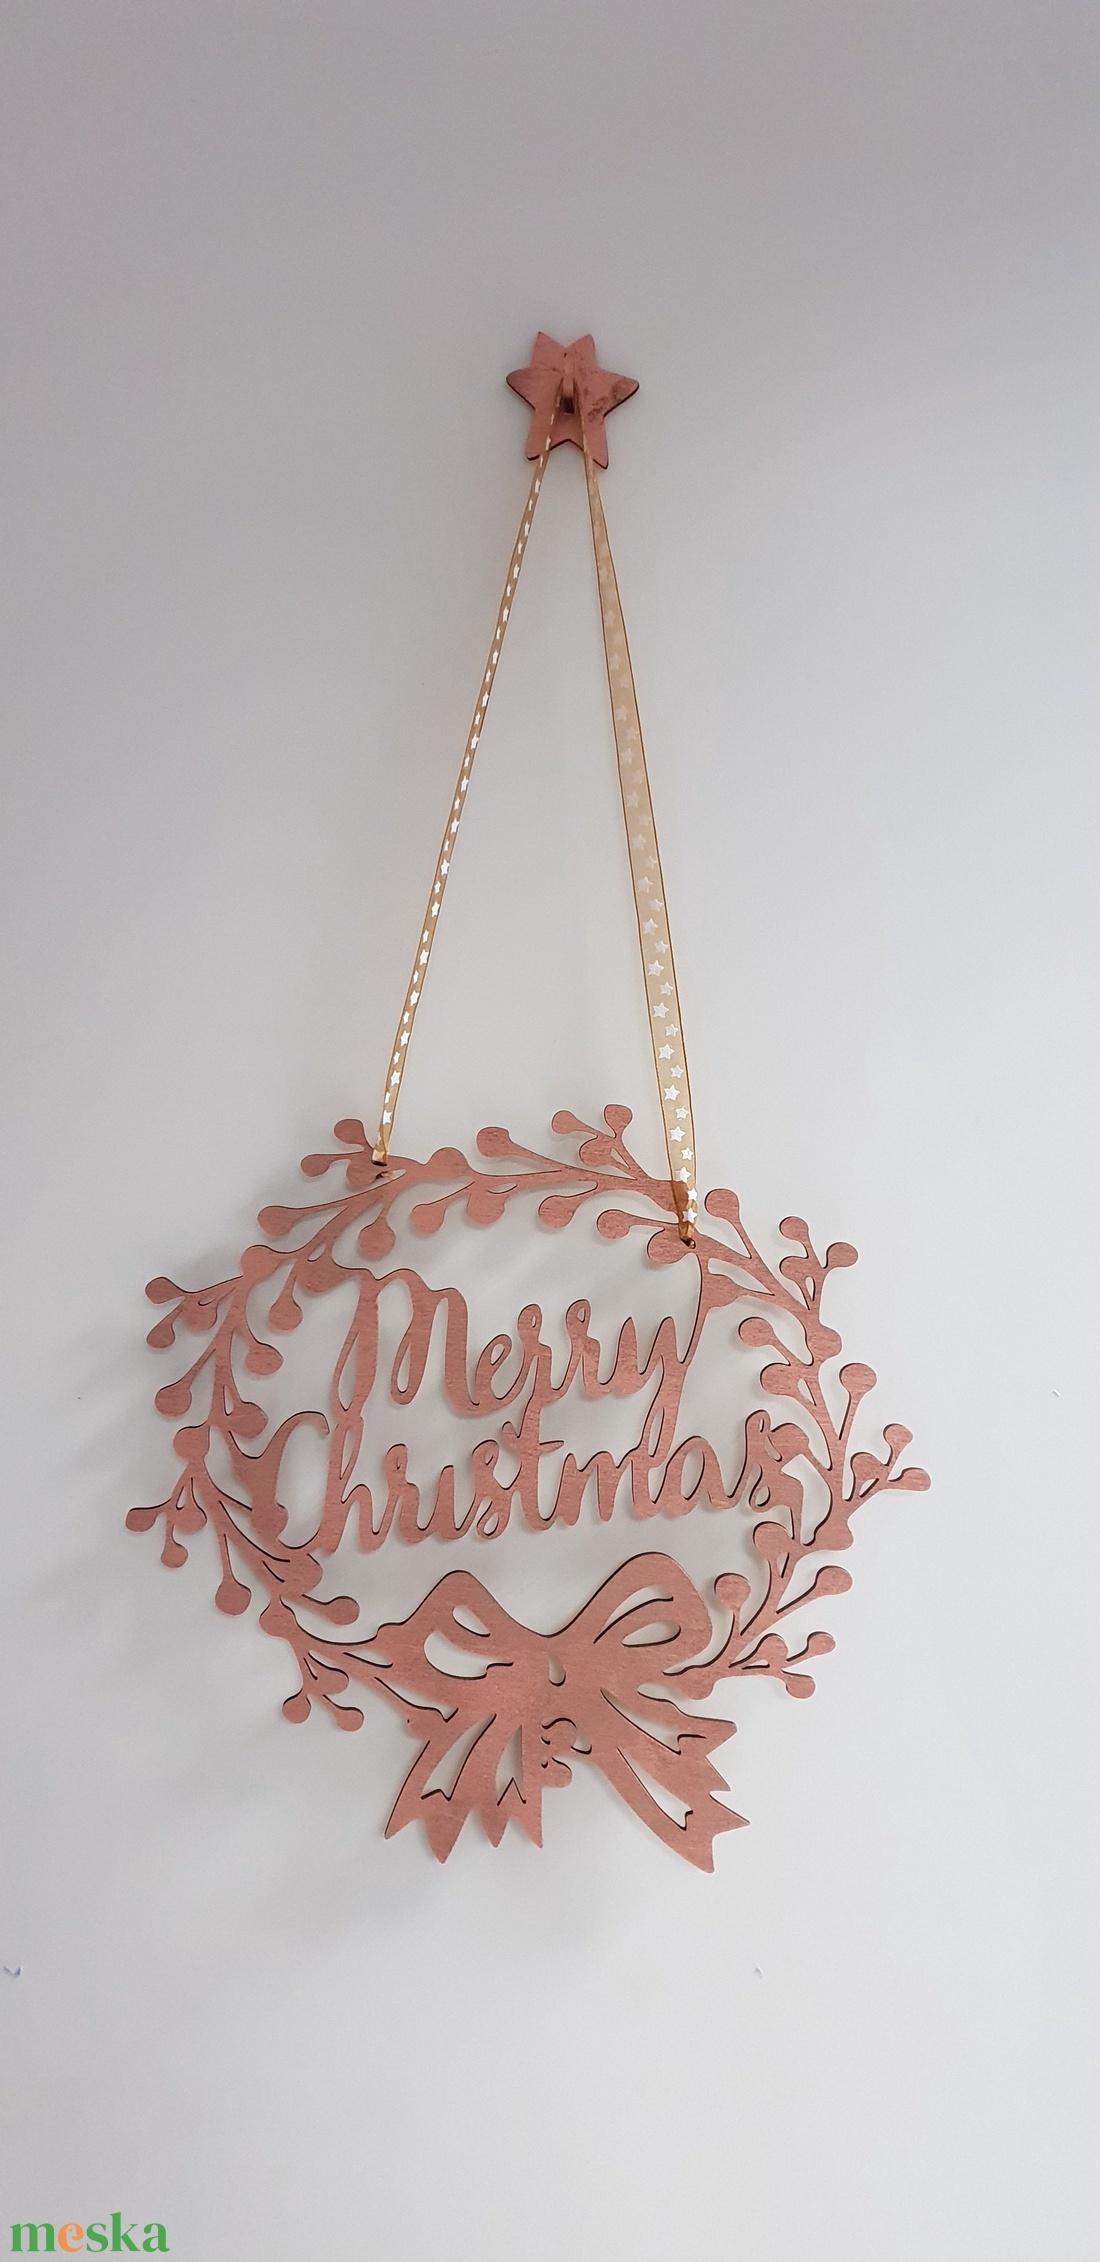 Karácsonyi ajtó-ablakdísz bronz színre festve - karácsony - karácsonyi lakásdekoráció - karácsonyi ablakdíszek, ablakmatricák - Meska.hu